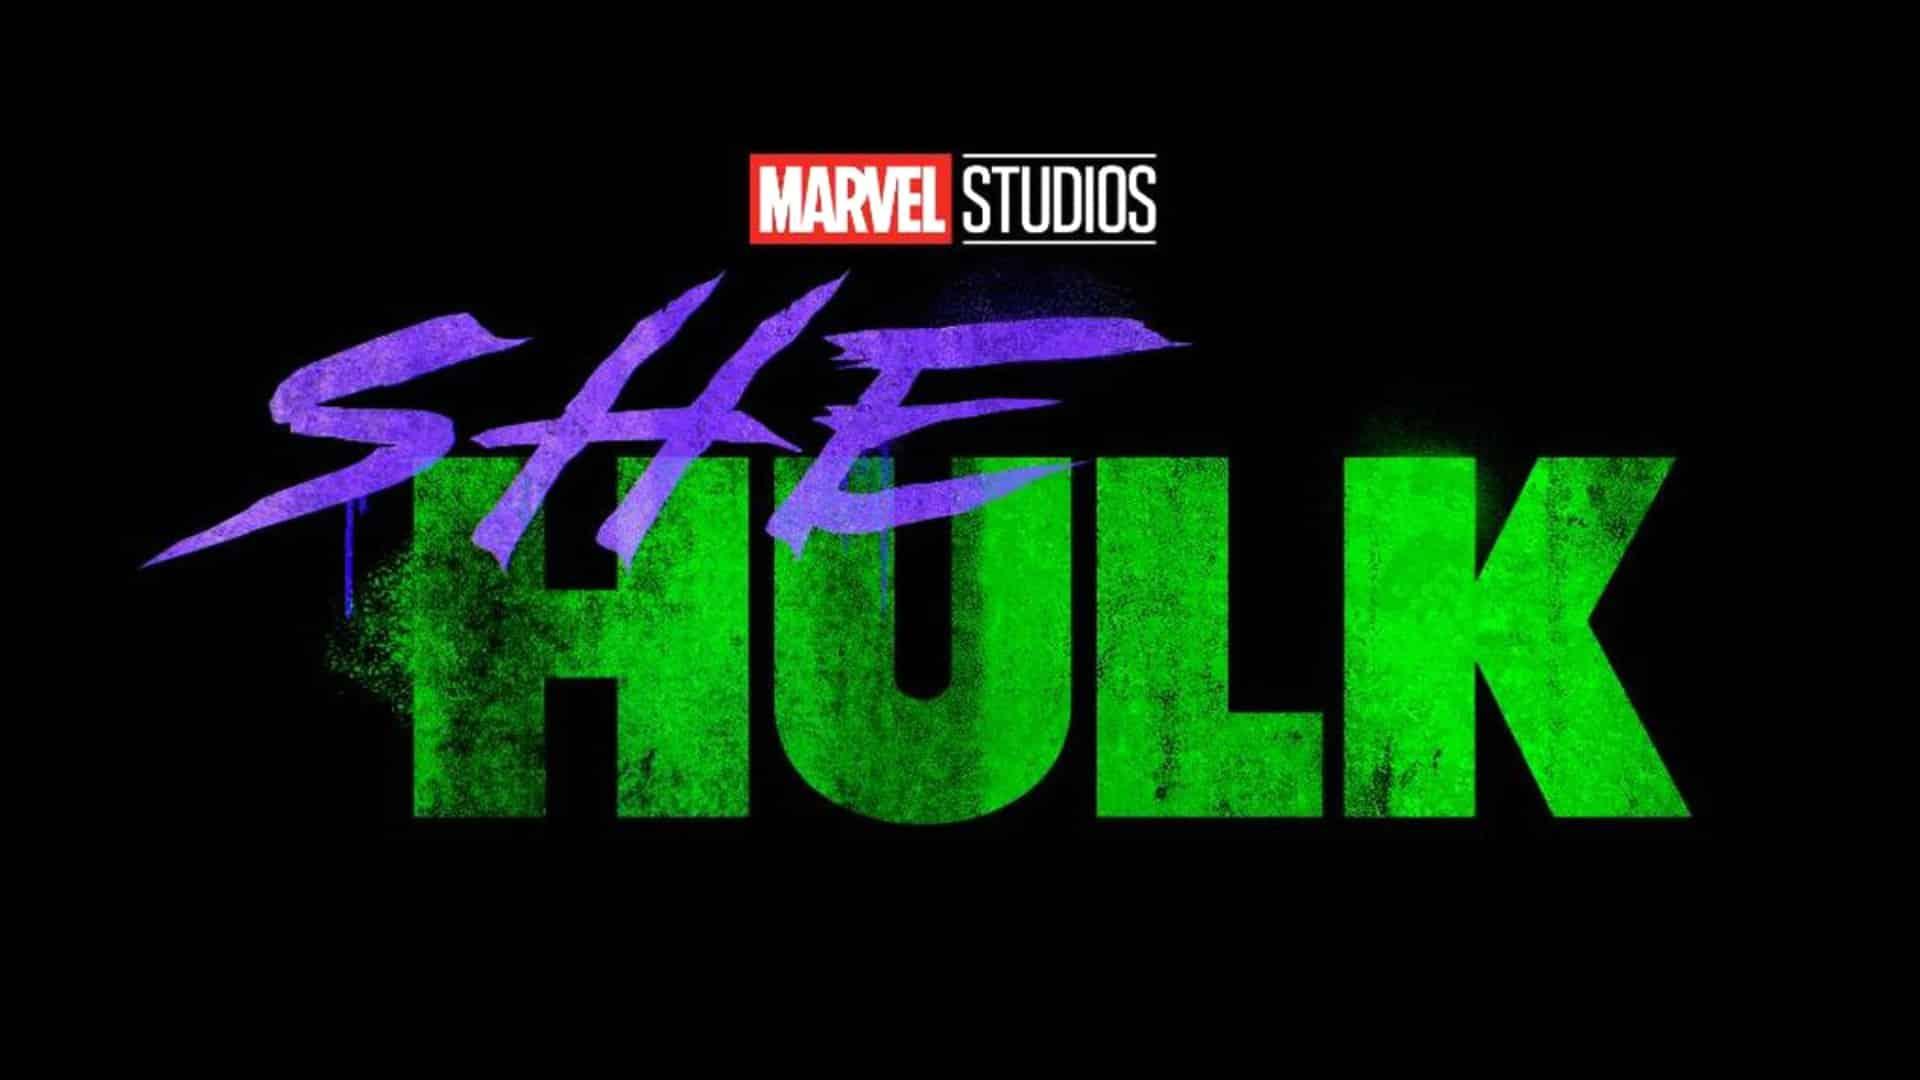 She-Hulk